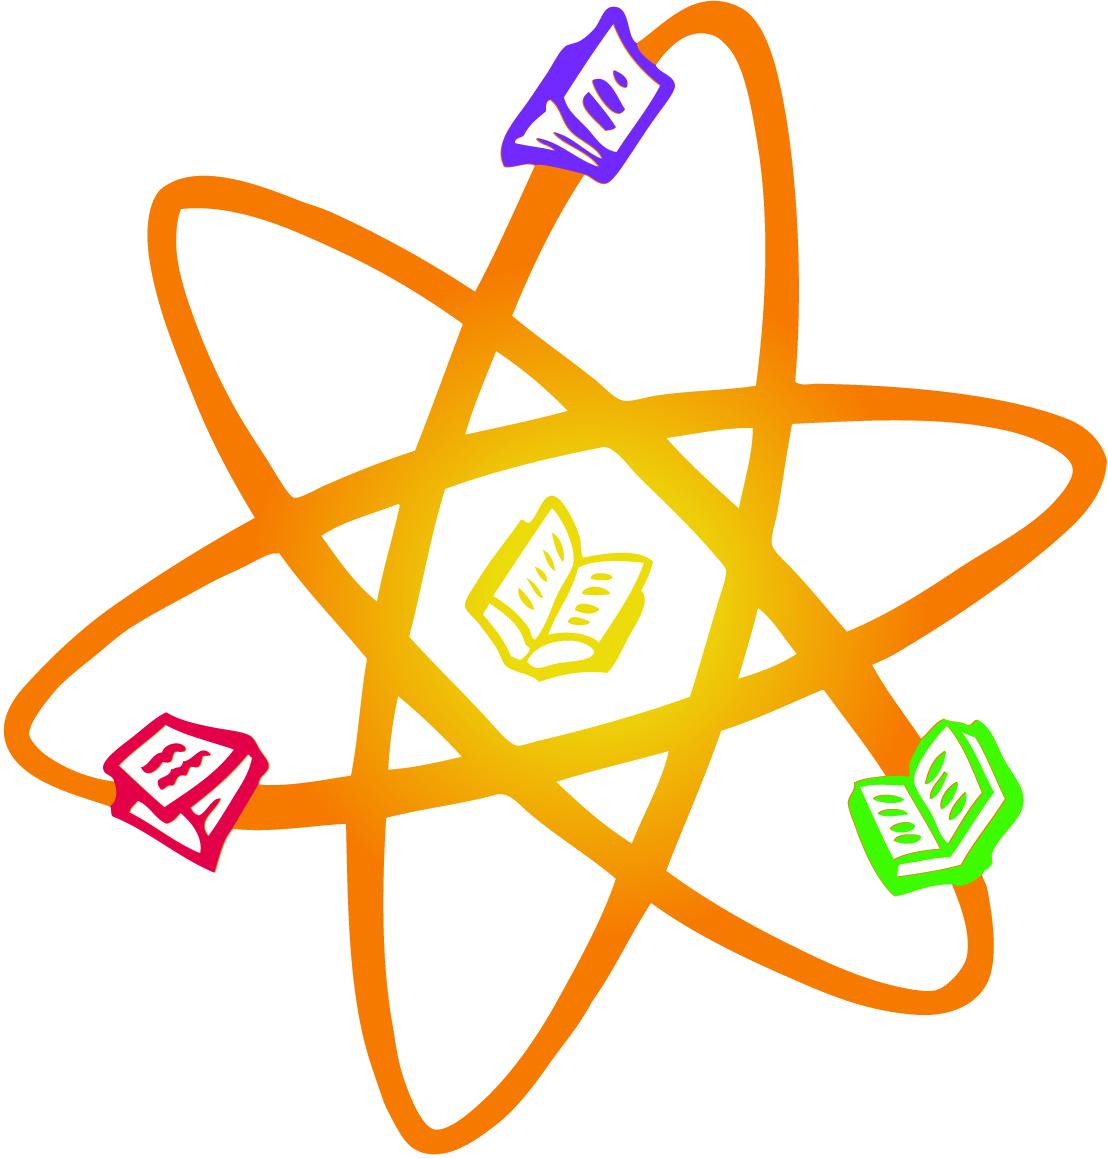 Atom clipart orange. Reaction panda free images